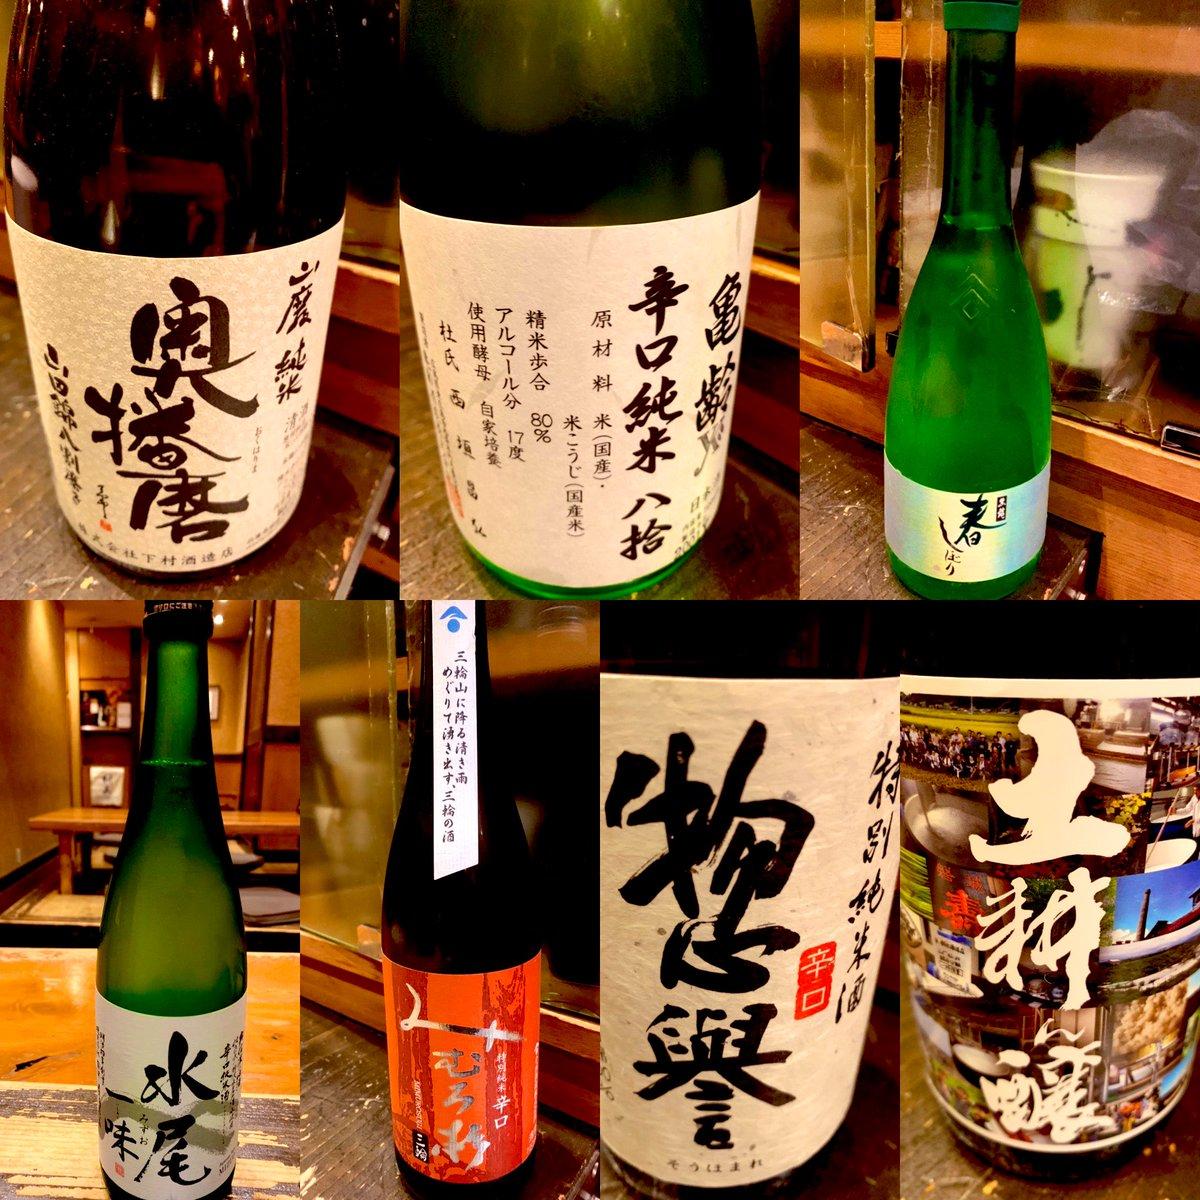 test ツイッターメディア - 今日の四合瓶(720ml)日本酒です♪お持ち帰りで いかがでしょうか。奥播磨 山廃純米 山田錦、亀齢 純米、黒龍 春しぼり、水尾 純米、みむろ杉 特別純米、惣譽(ソウホマレ)特別純米 辛口、磐城寿  土耕ん醸 山廃純米 火入れ、です!#diningbaryou #酒類販売業免許 #関内テイクアウト https://t.co/60i9jzT7XE